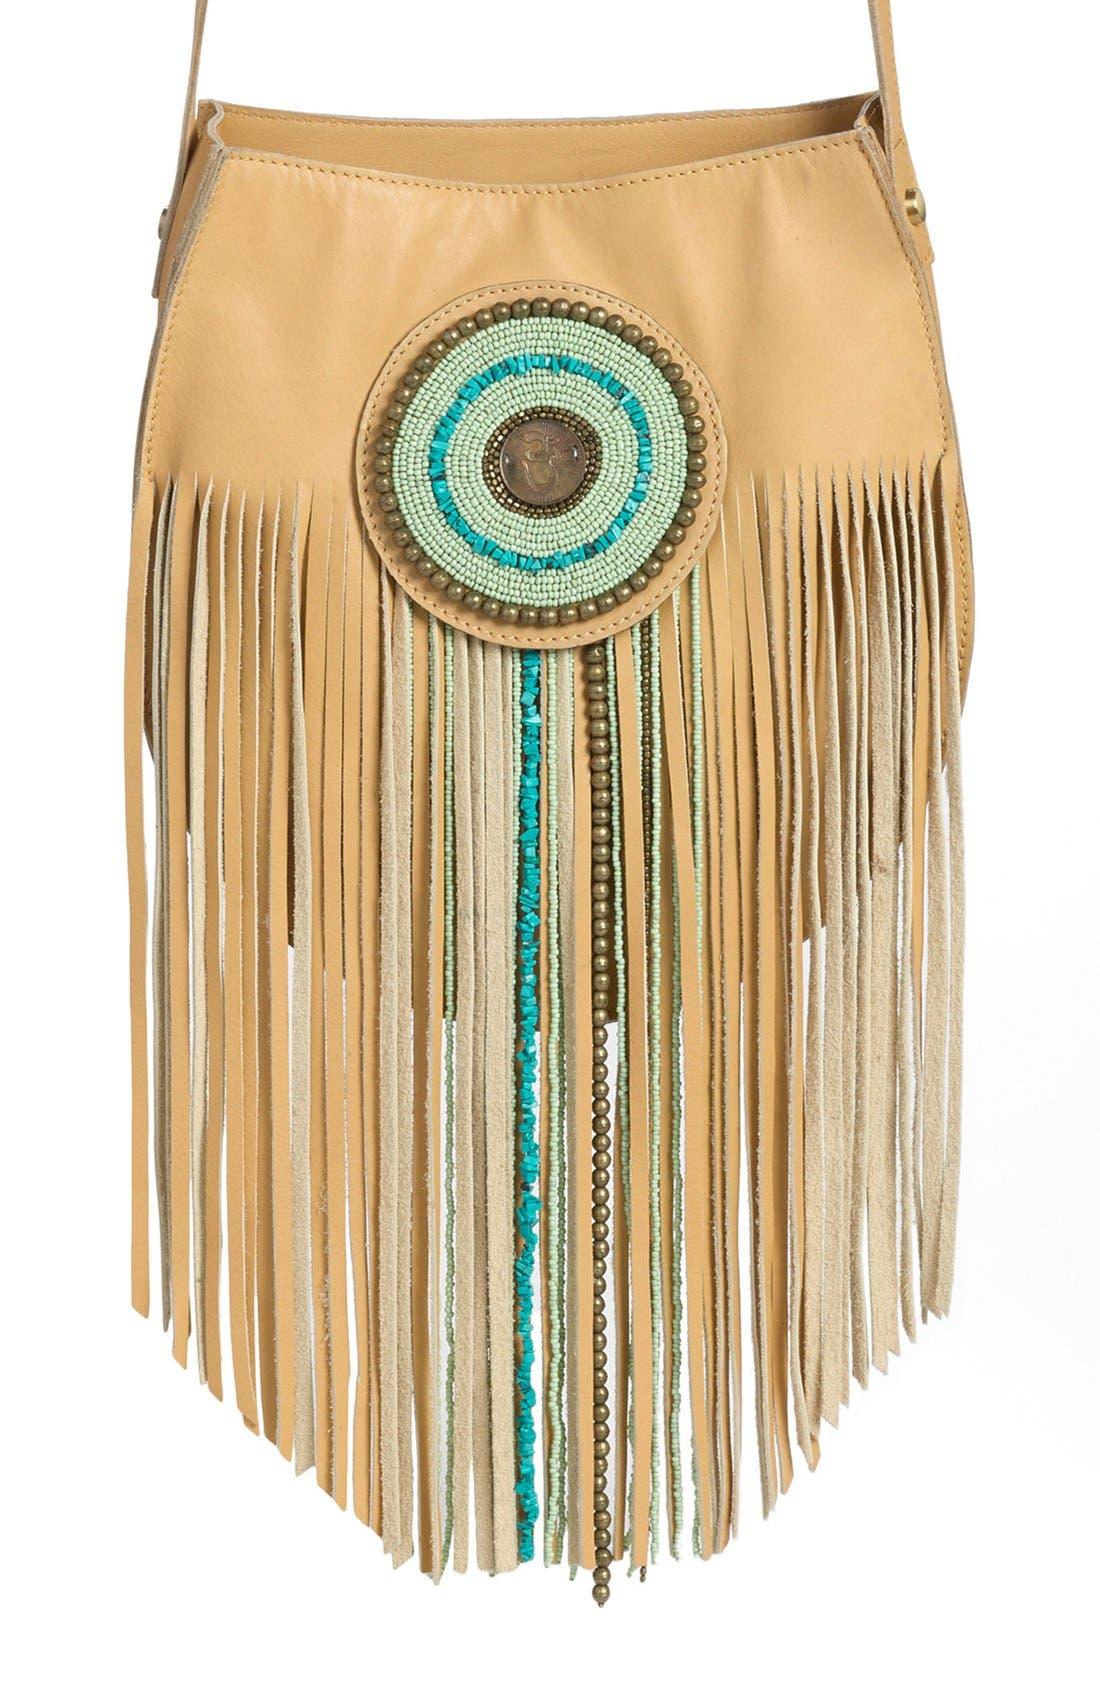 Alternate Image 1 Selected - Sam Edelman 'Karina' Fringe Leather Shoulder Bag